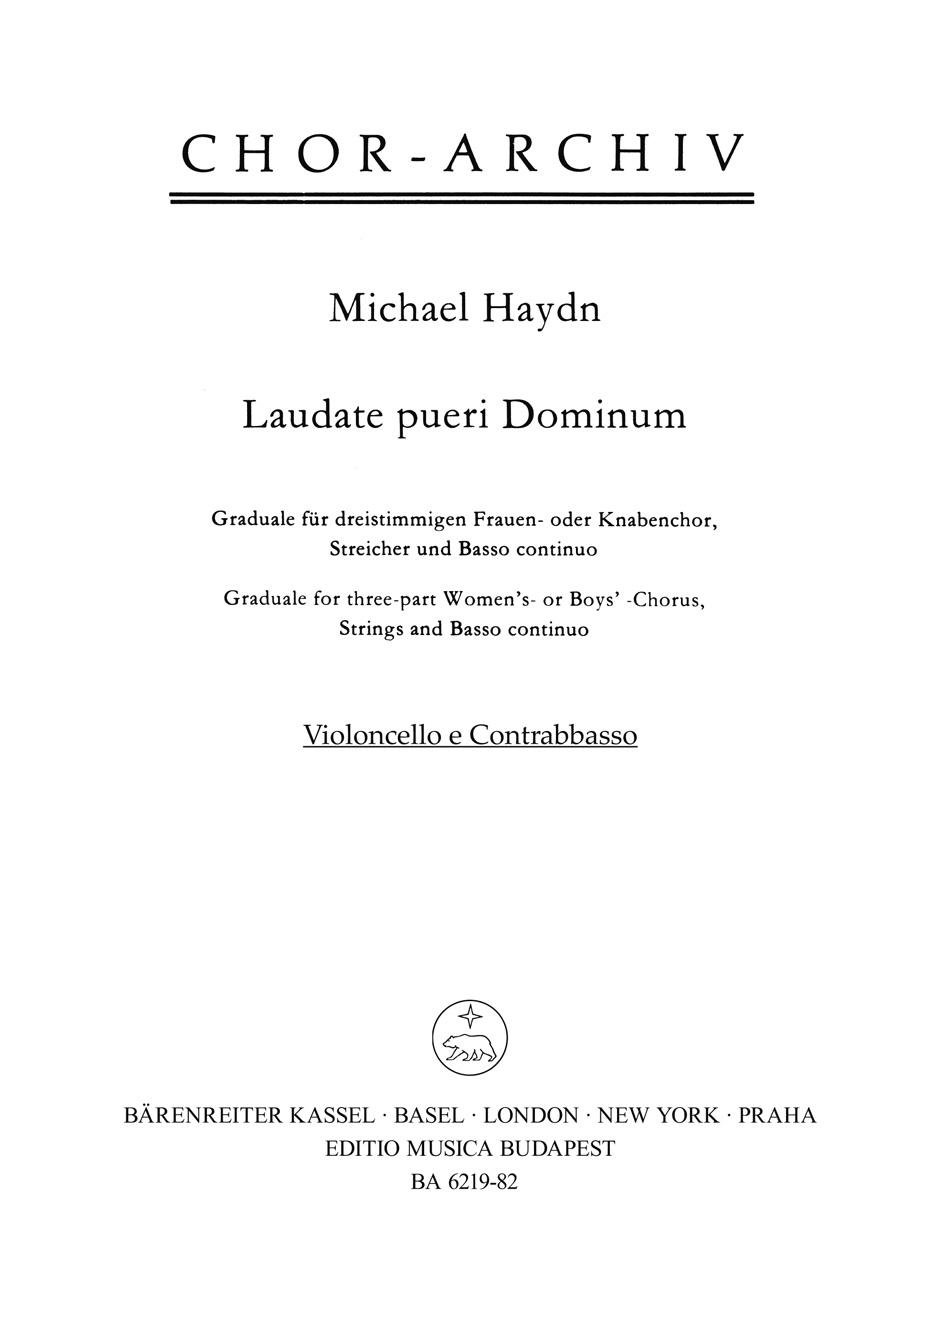 Laudate Pueri Dominum. Violoncello-contrabajo. Michael Haydn